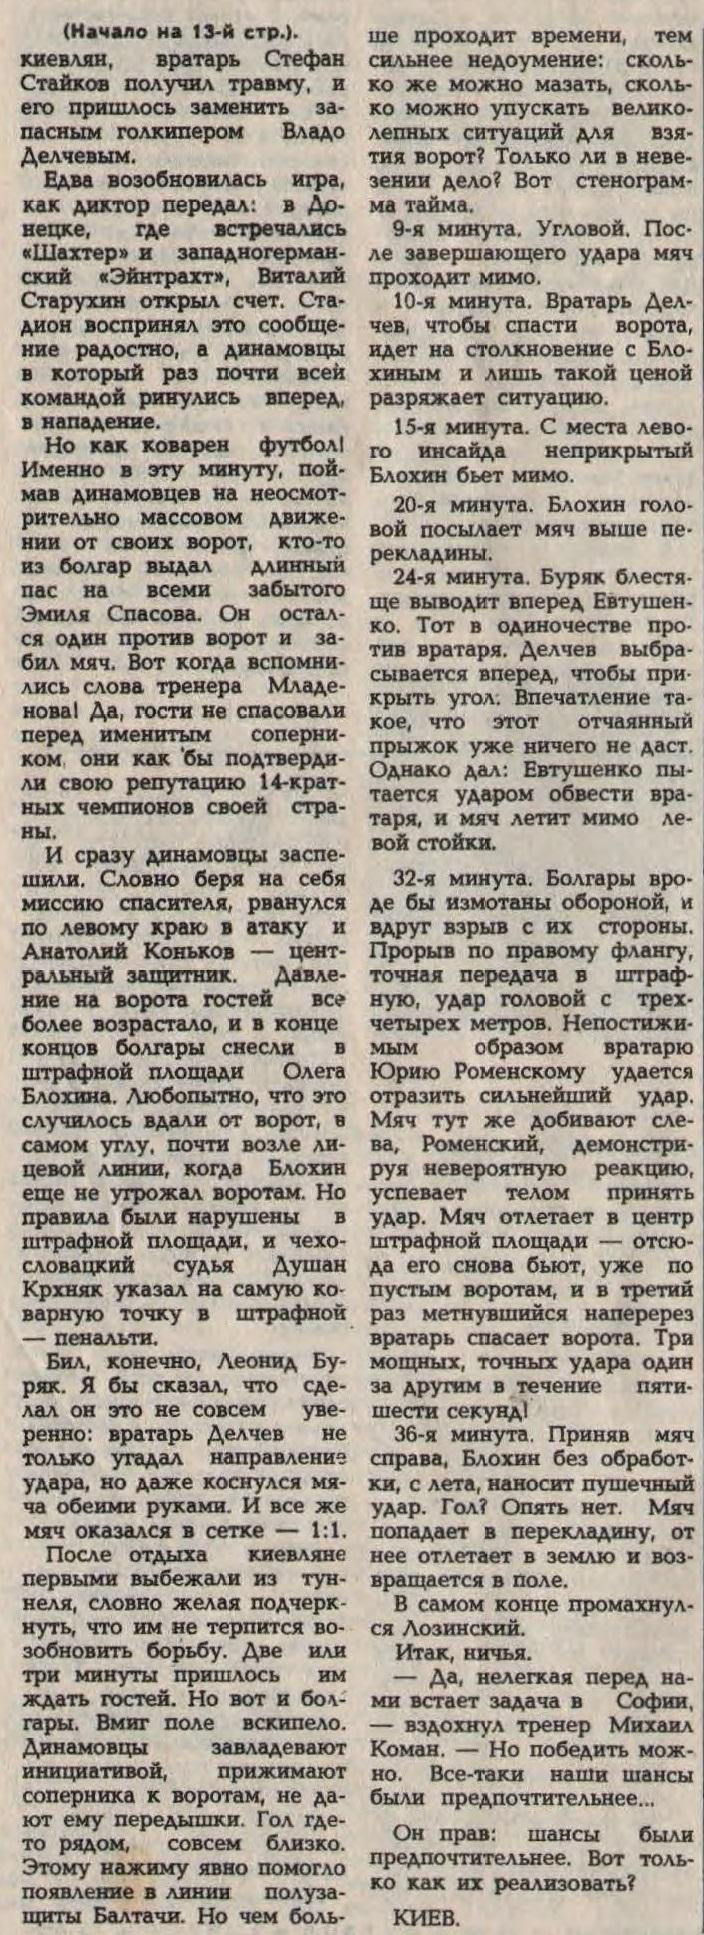 Динамо Киев (СССР) - Левски-Спартак (Болгария) 1:1